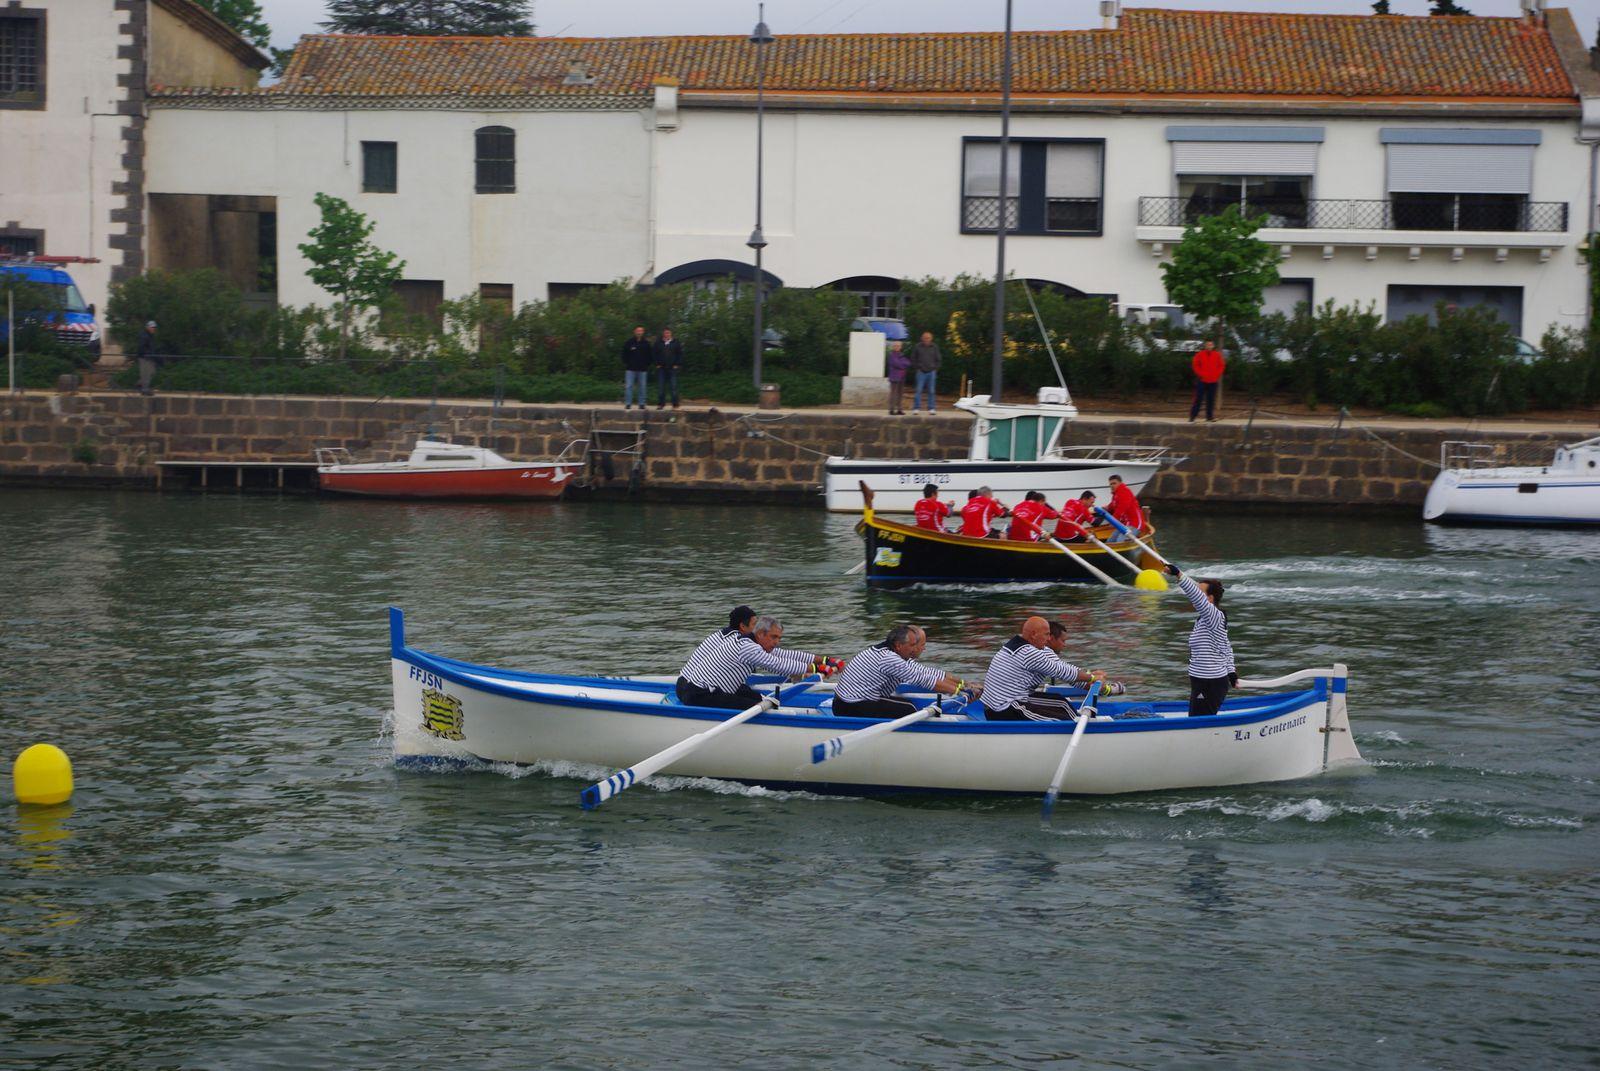 4° Manche et Finale du Championnat le dimanche 28 Avril 2013 à Agde